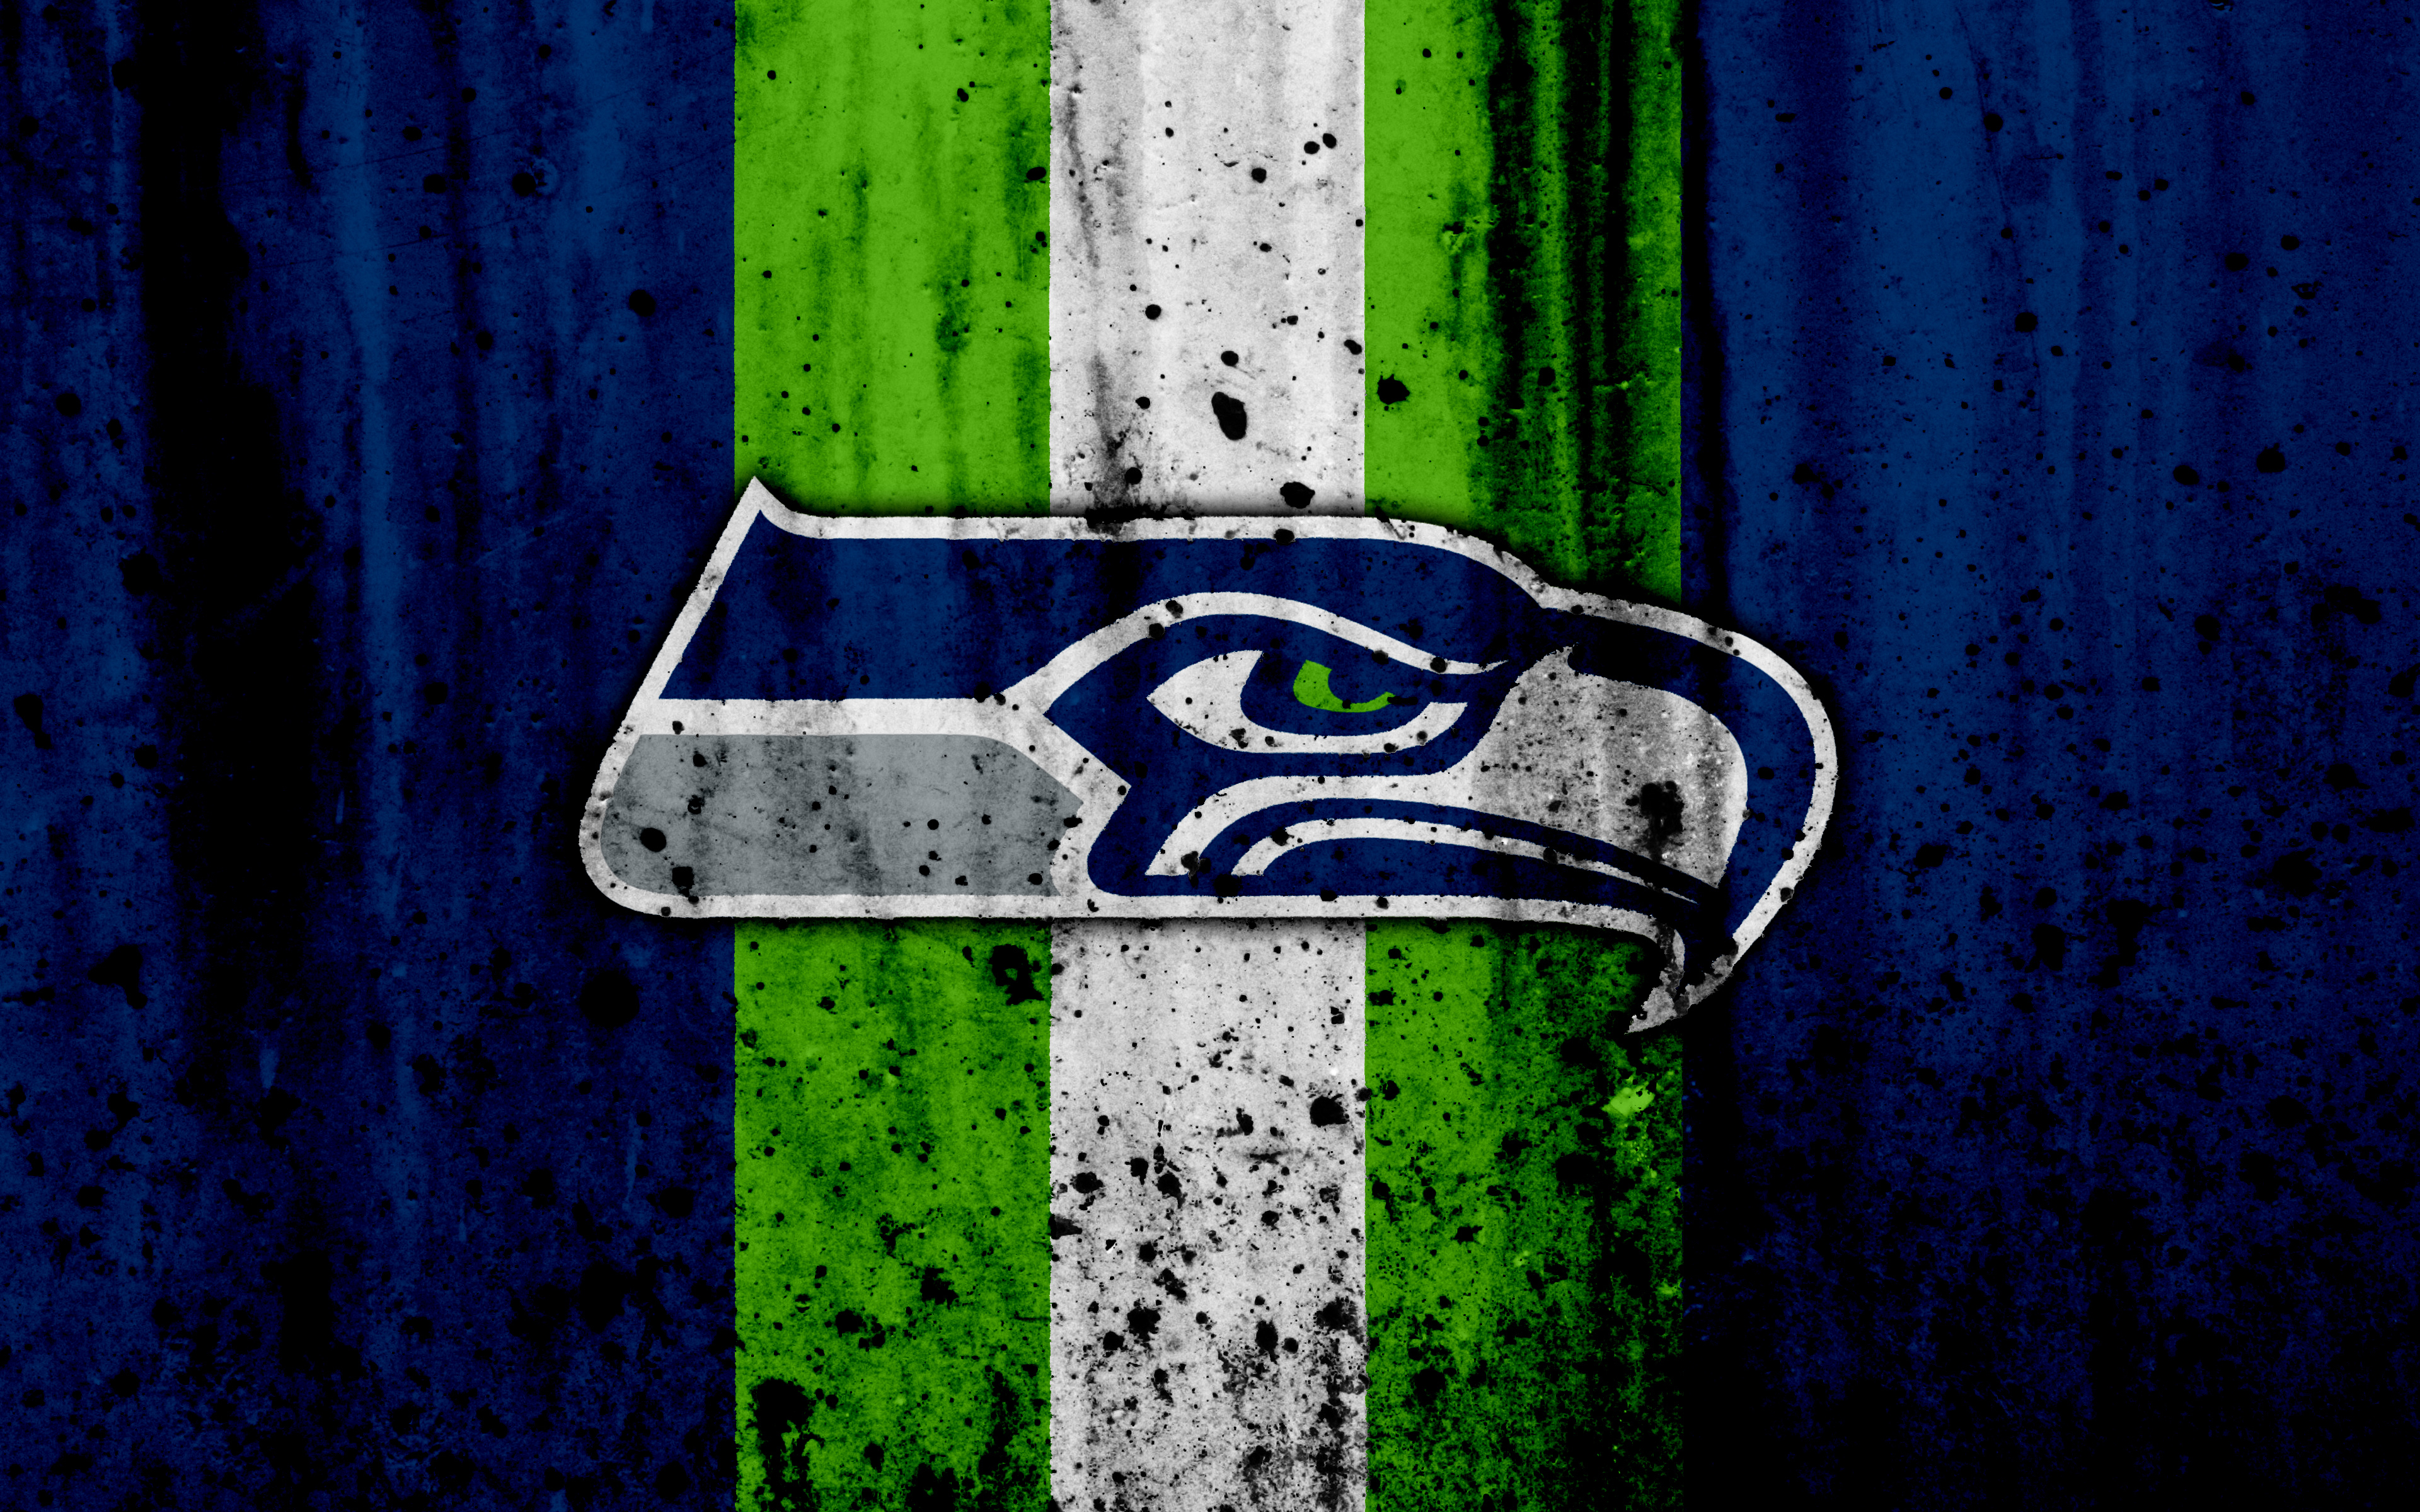 Seattle Seahawks 4k Ultra Hd Wallpaper Background Image 3840x2400 Id 988629 Wallpaper Abyss